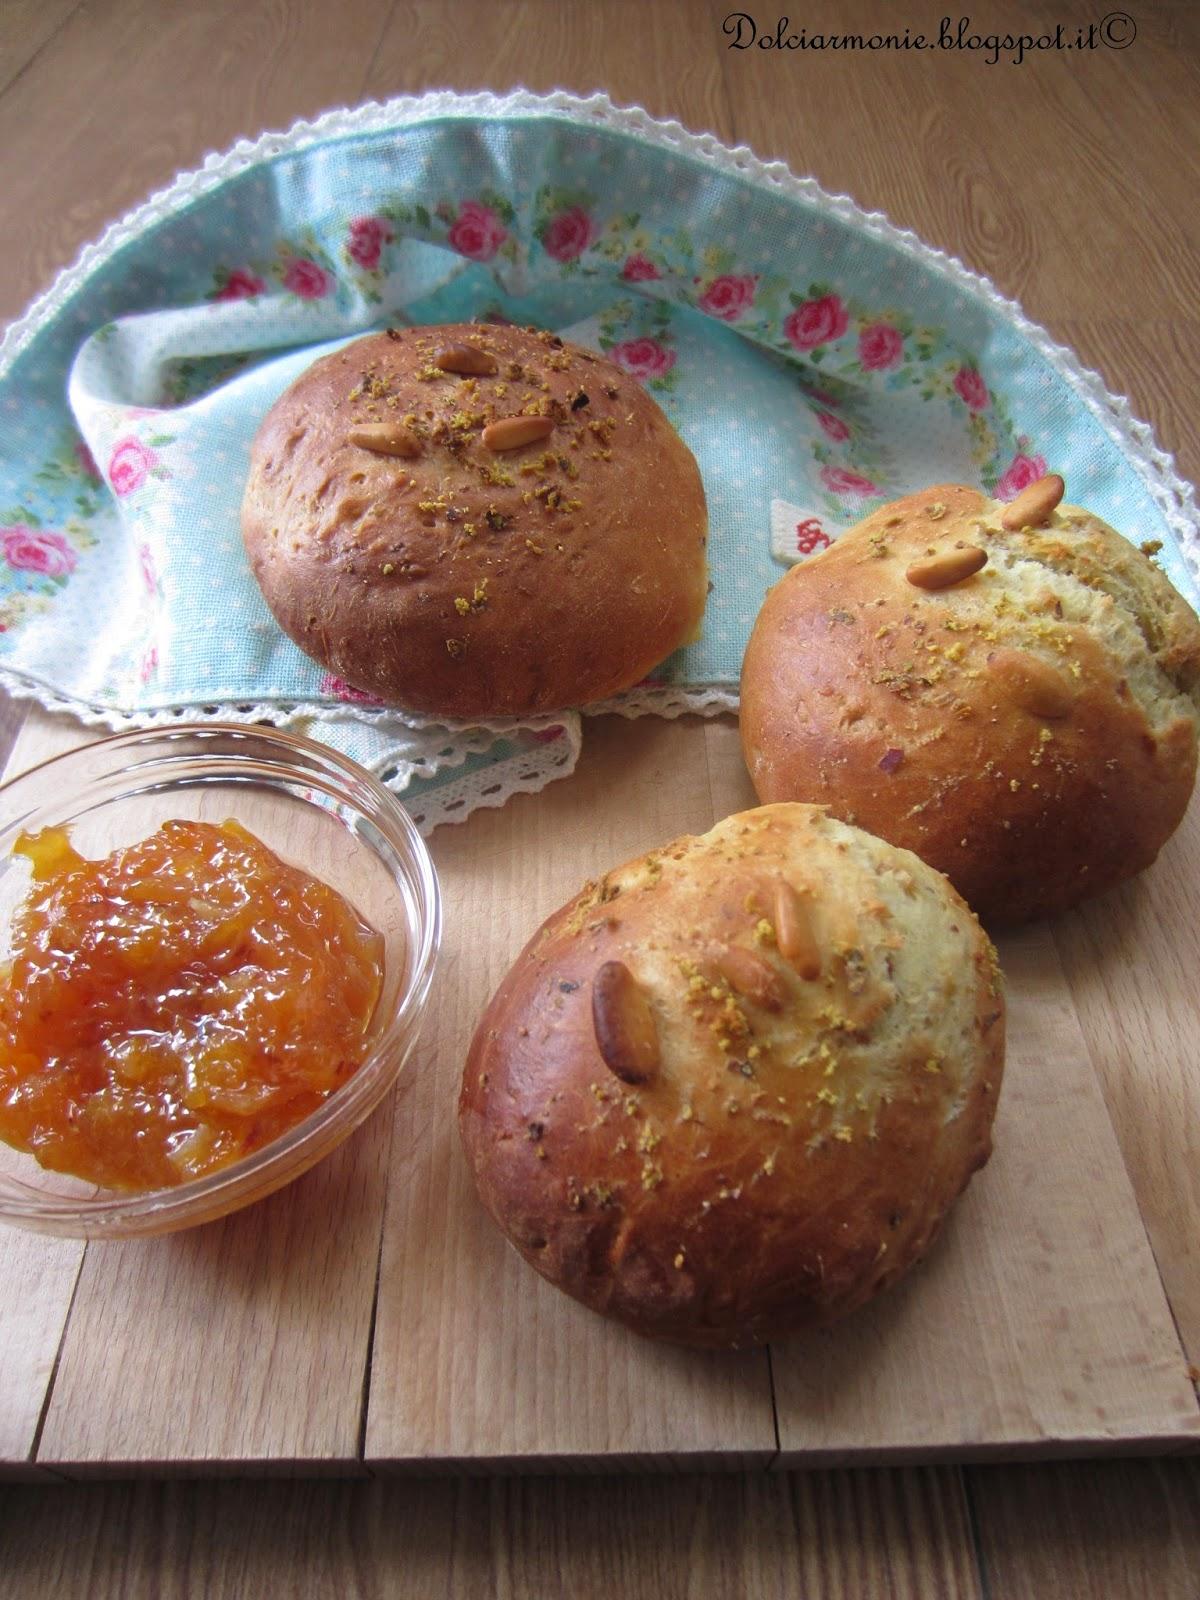 panini al latte e frutta secca, confettura di arance rosse di sicilia e il mio primo flambe'.